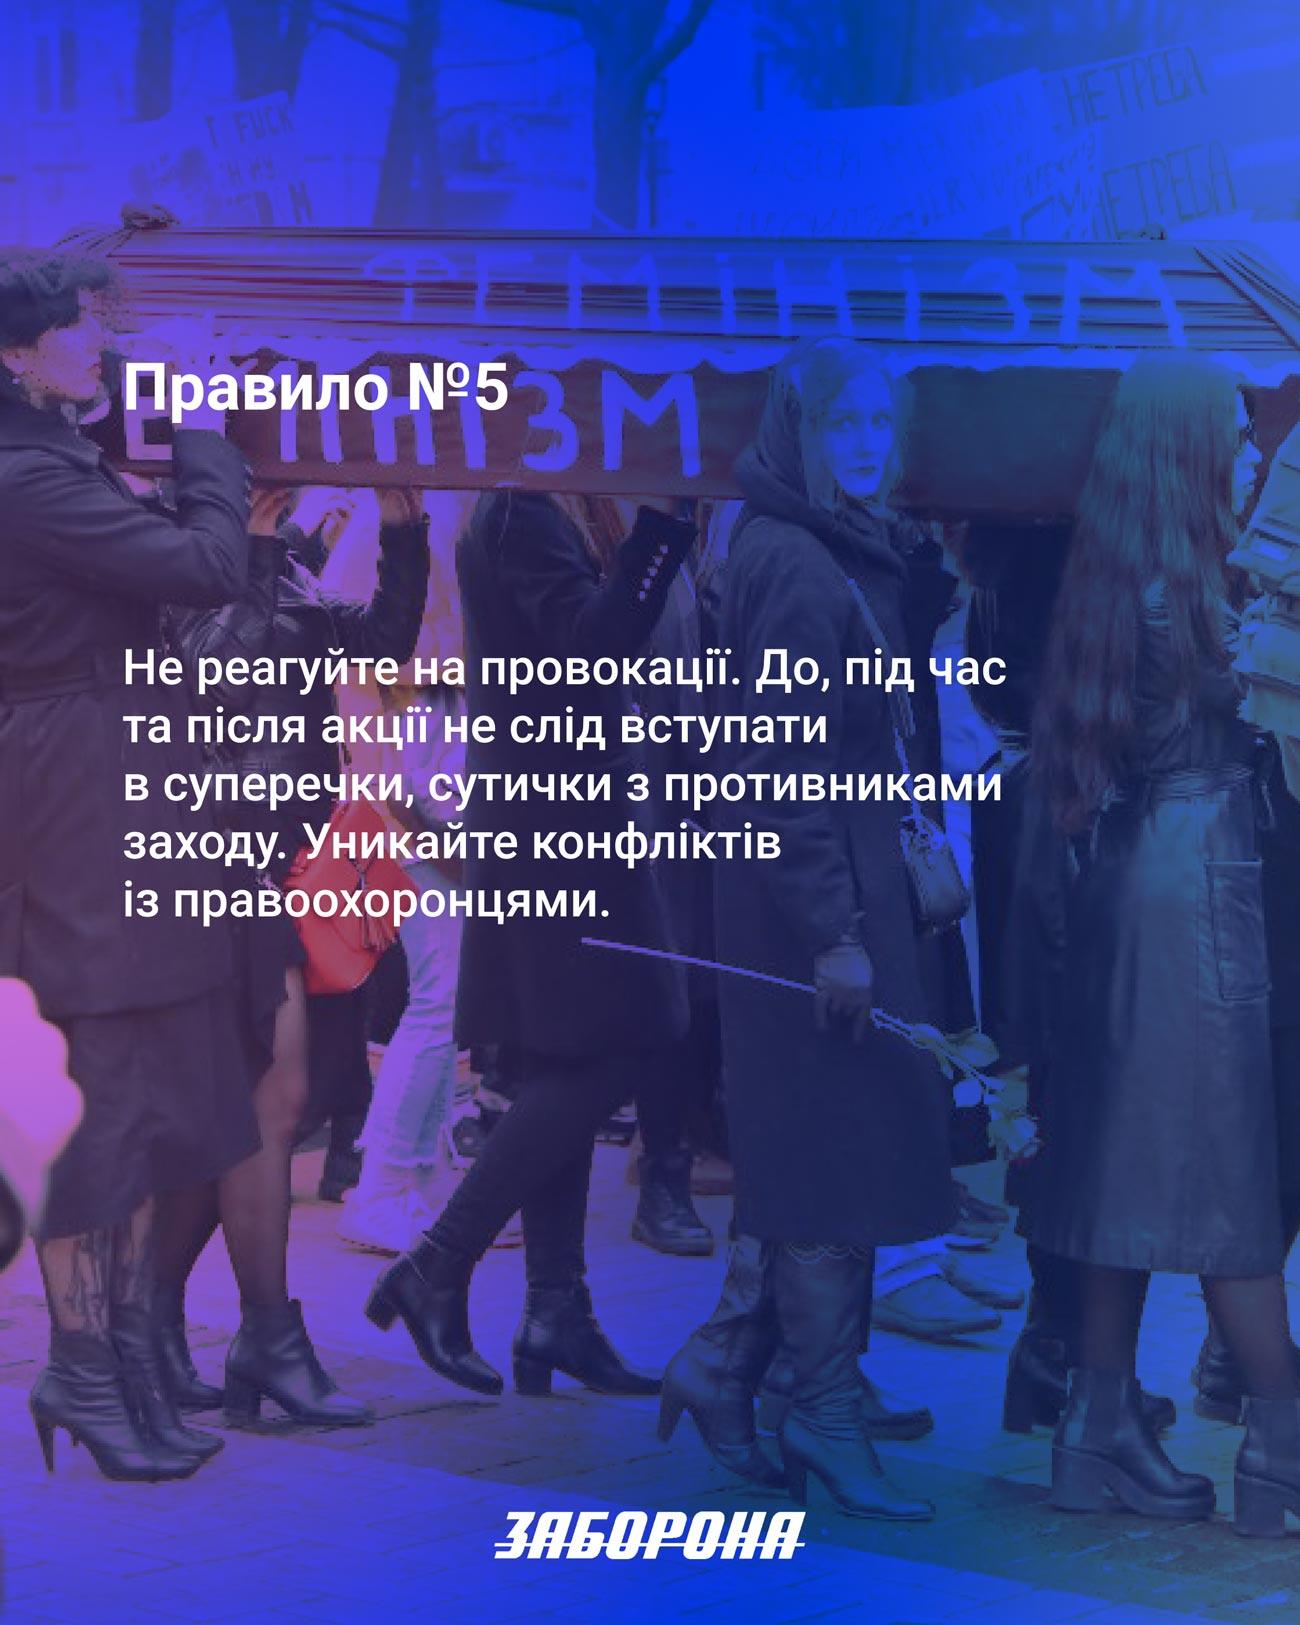 women march cards rule 5 ua - <b>Як сходити на марш і вернутися неушкодженою.</b> Коротка інструкція з безпеки - Заборона